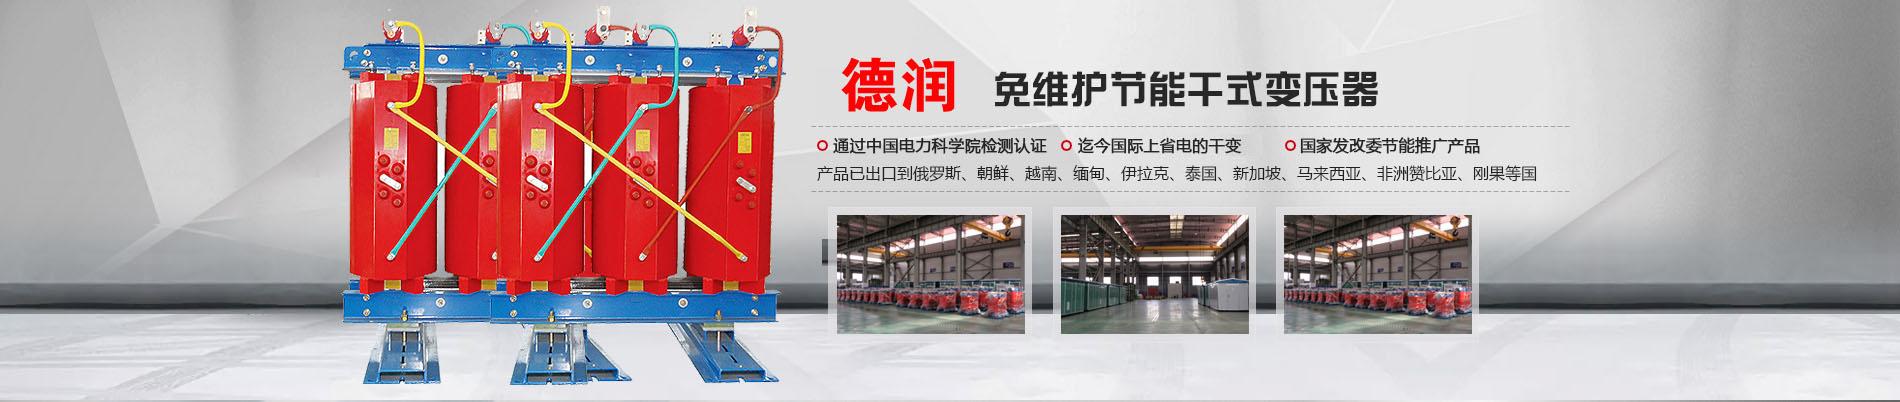 枣庄干式变压器厂家